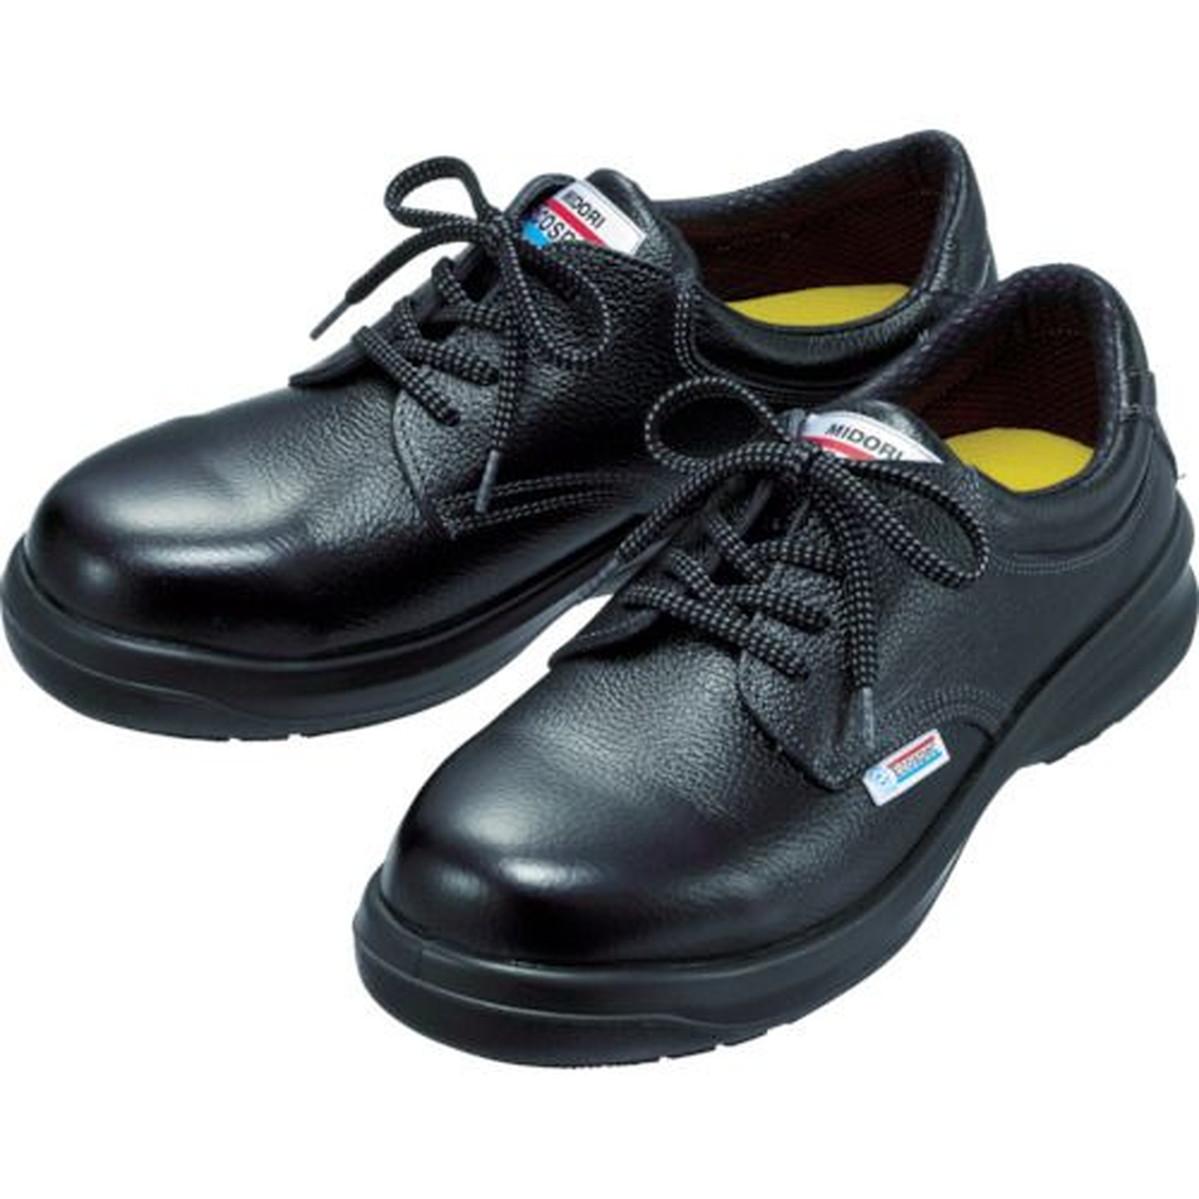 あす楽対応 DIY用品 ミドリ安全 着後レビューで 送料無料 エコマーク認定 23.5CM 1足 おトク ESG3210eco 静電高機能安全靴